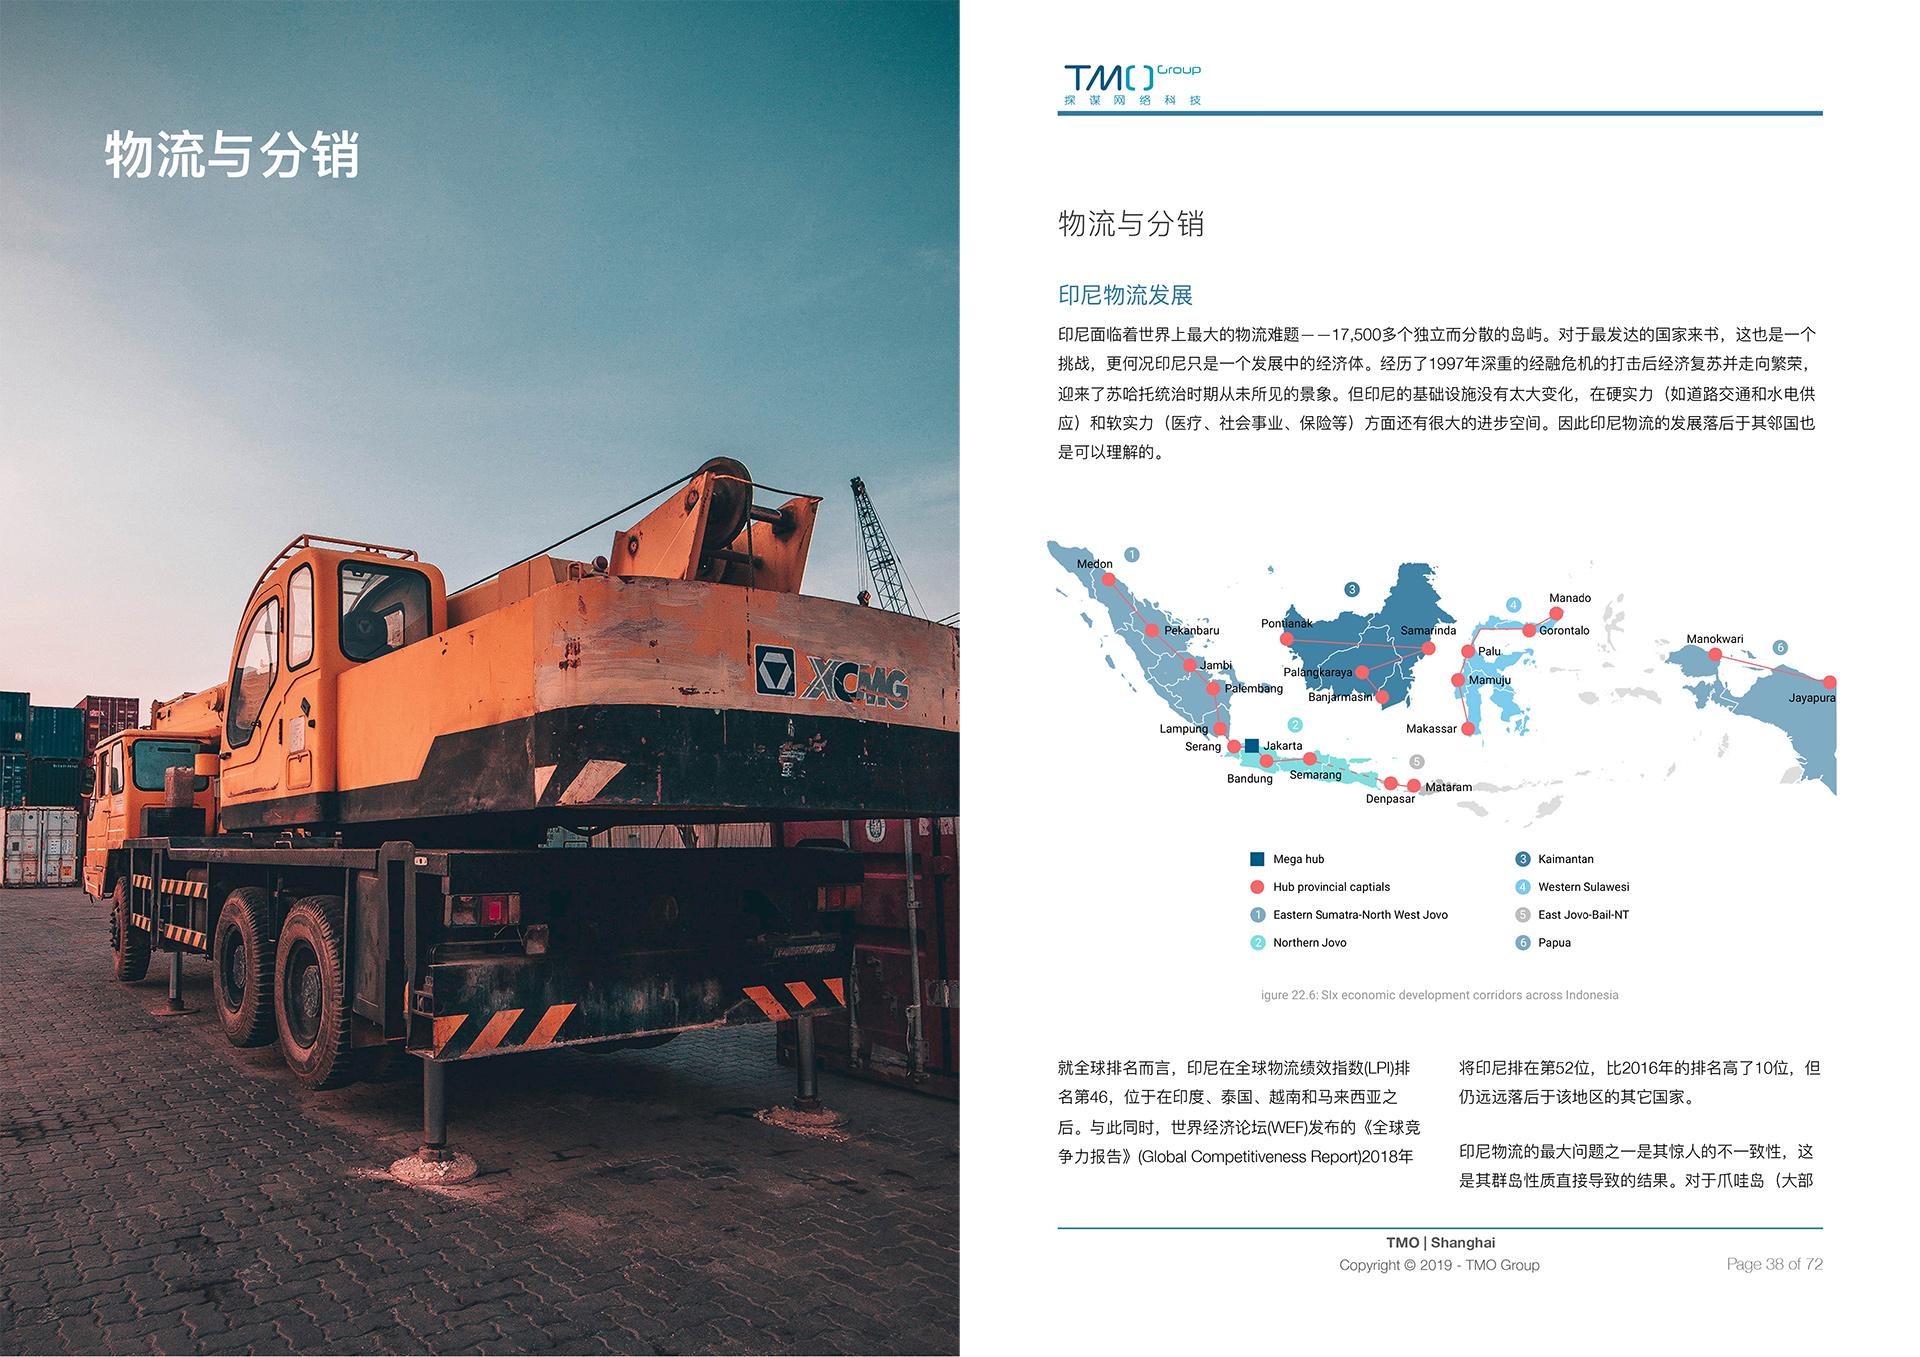 印尼电商指南3